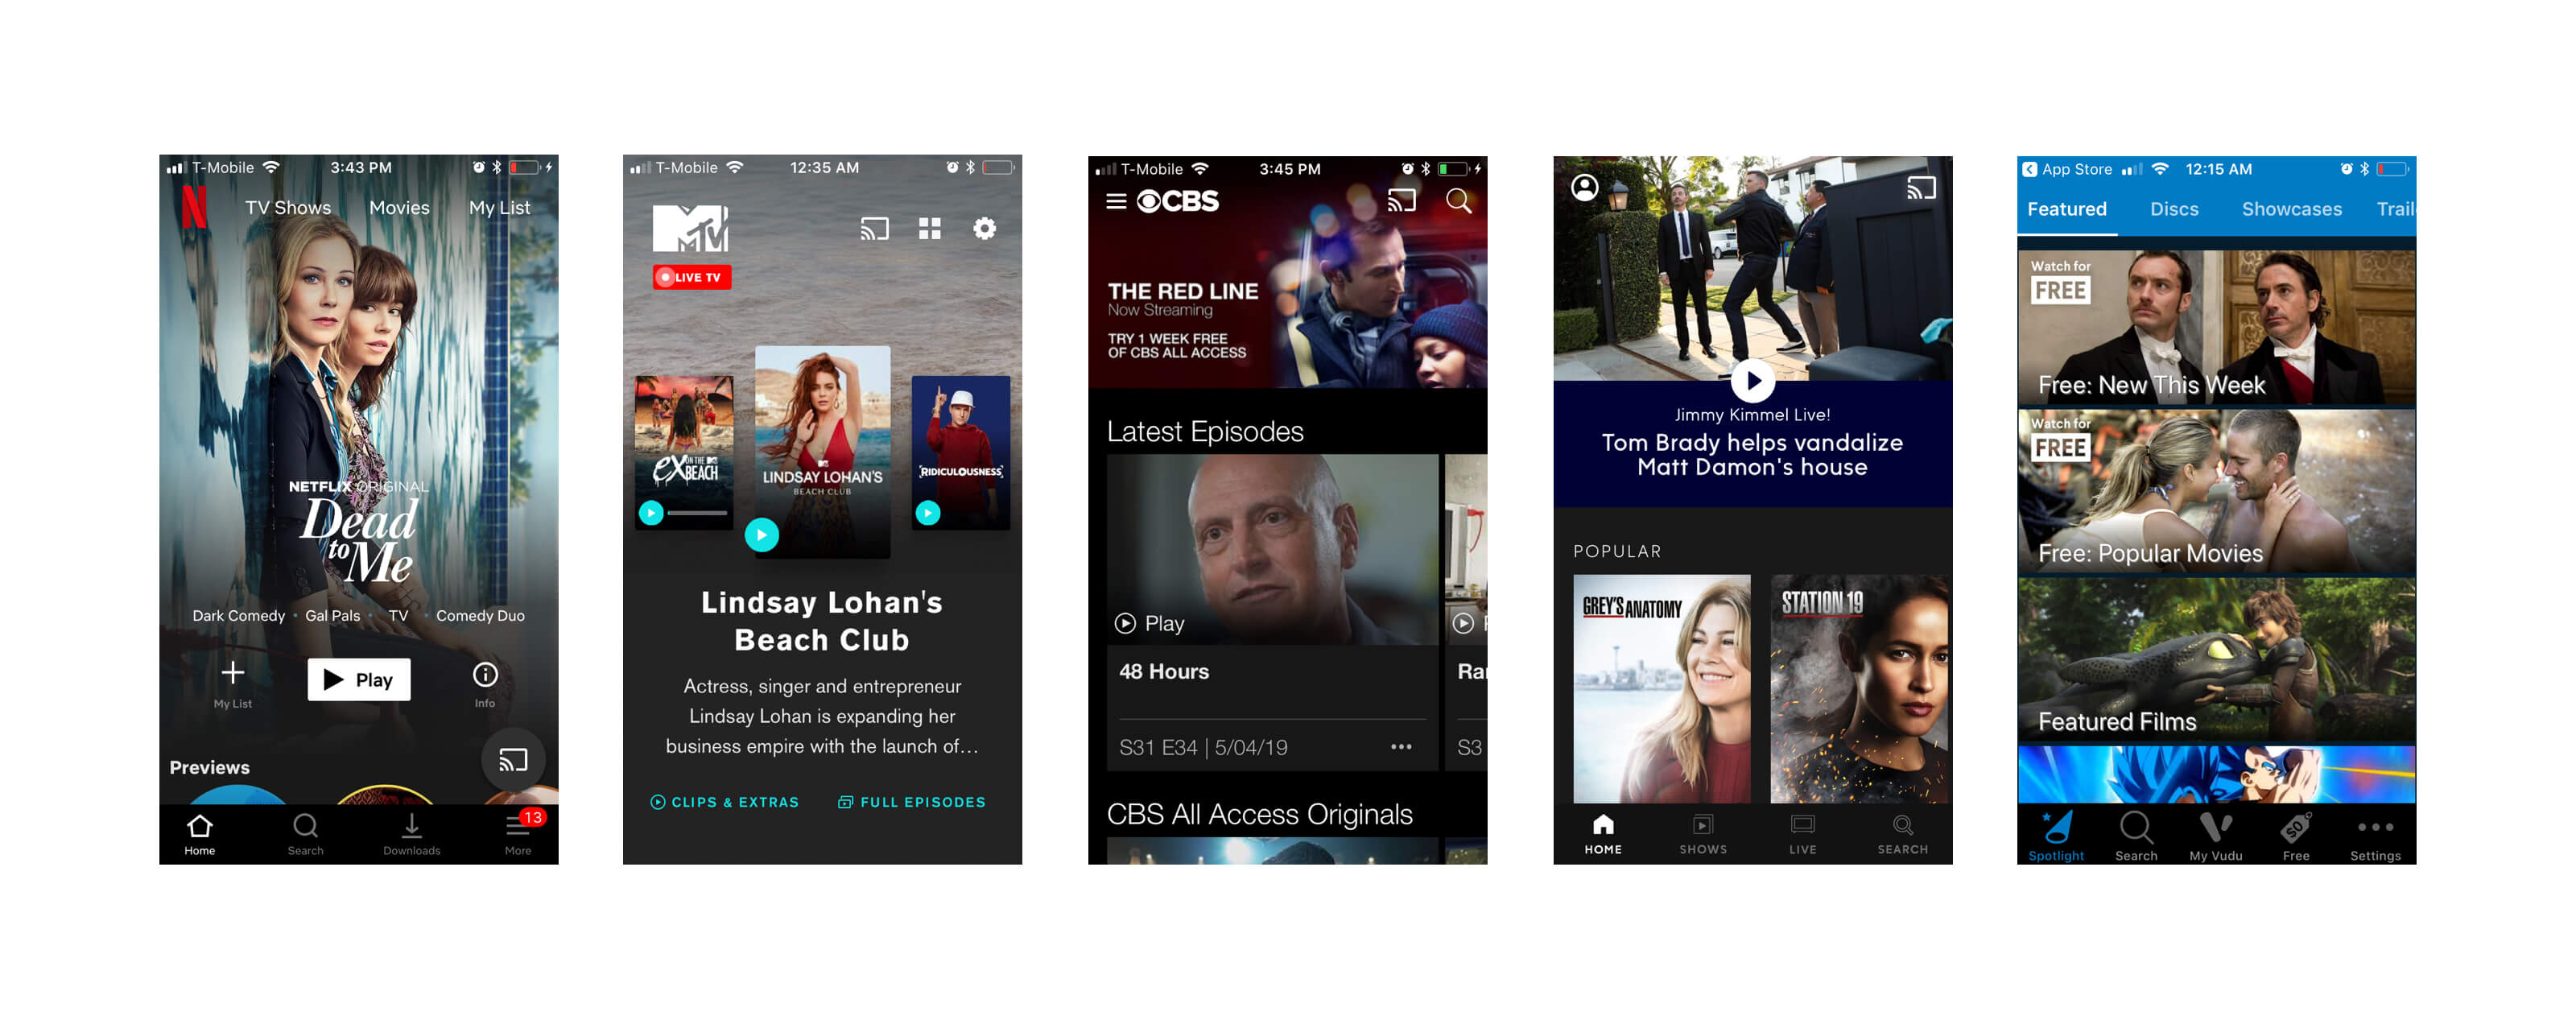 AMC Mobile - Similar Apps